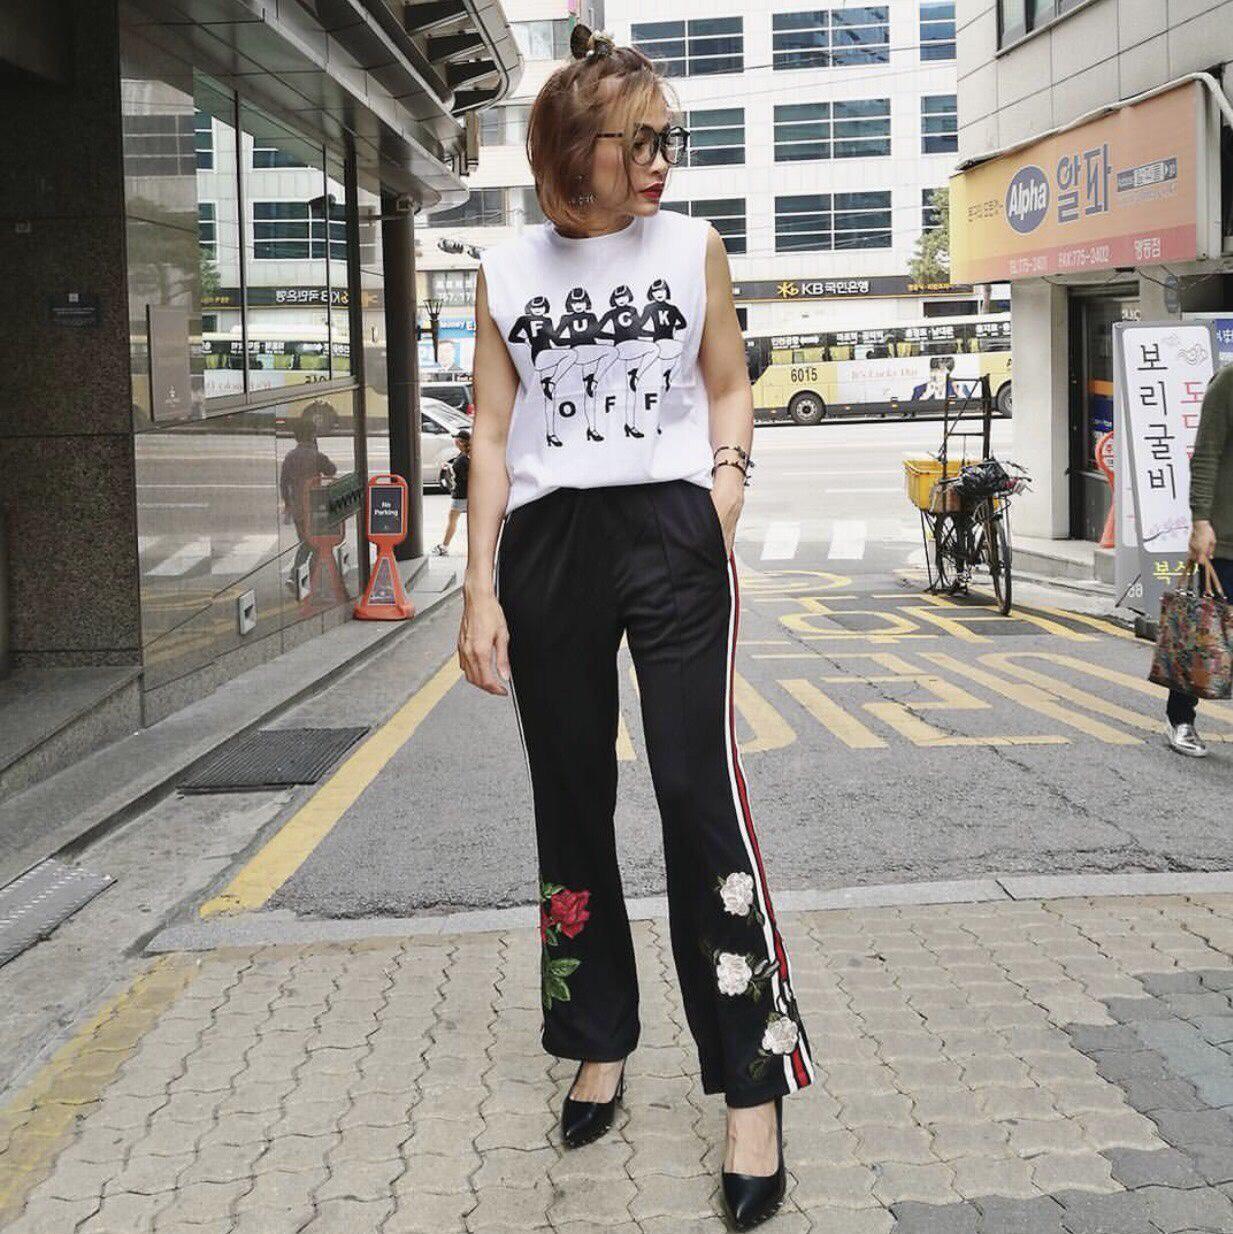 เกงเกาหลีทรงวอมปลายขาบานนิดๆ แถบข้างสีสวย ปักดอกกุหลาบ